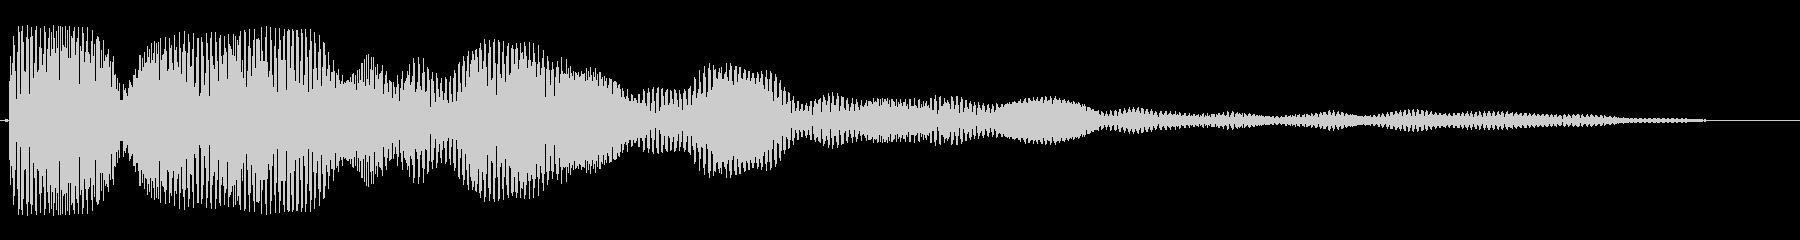 キラーン(輝きだす音)の未再生の波形